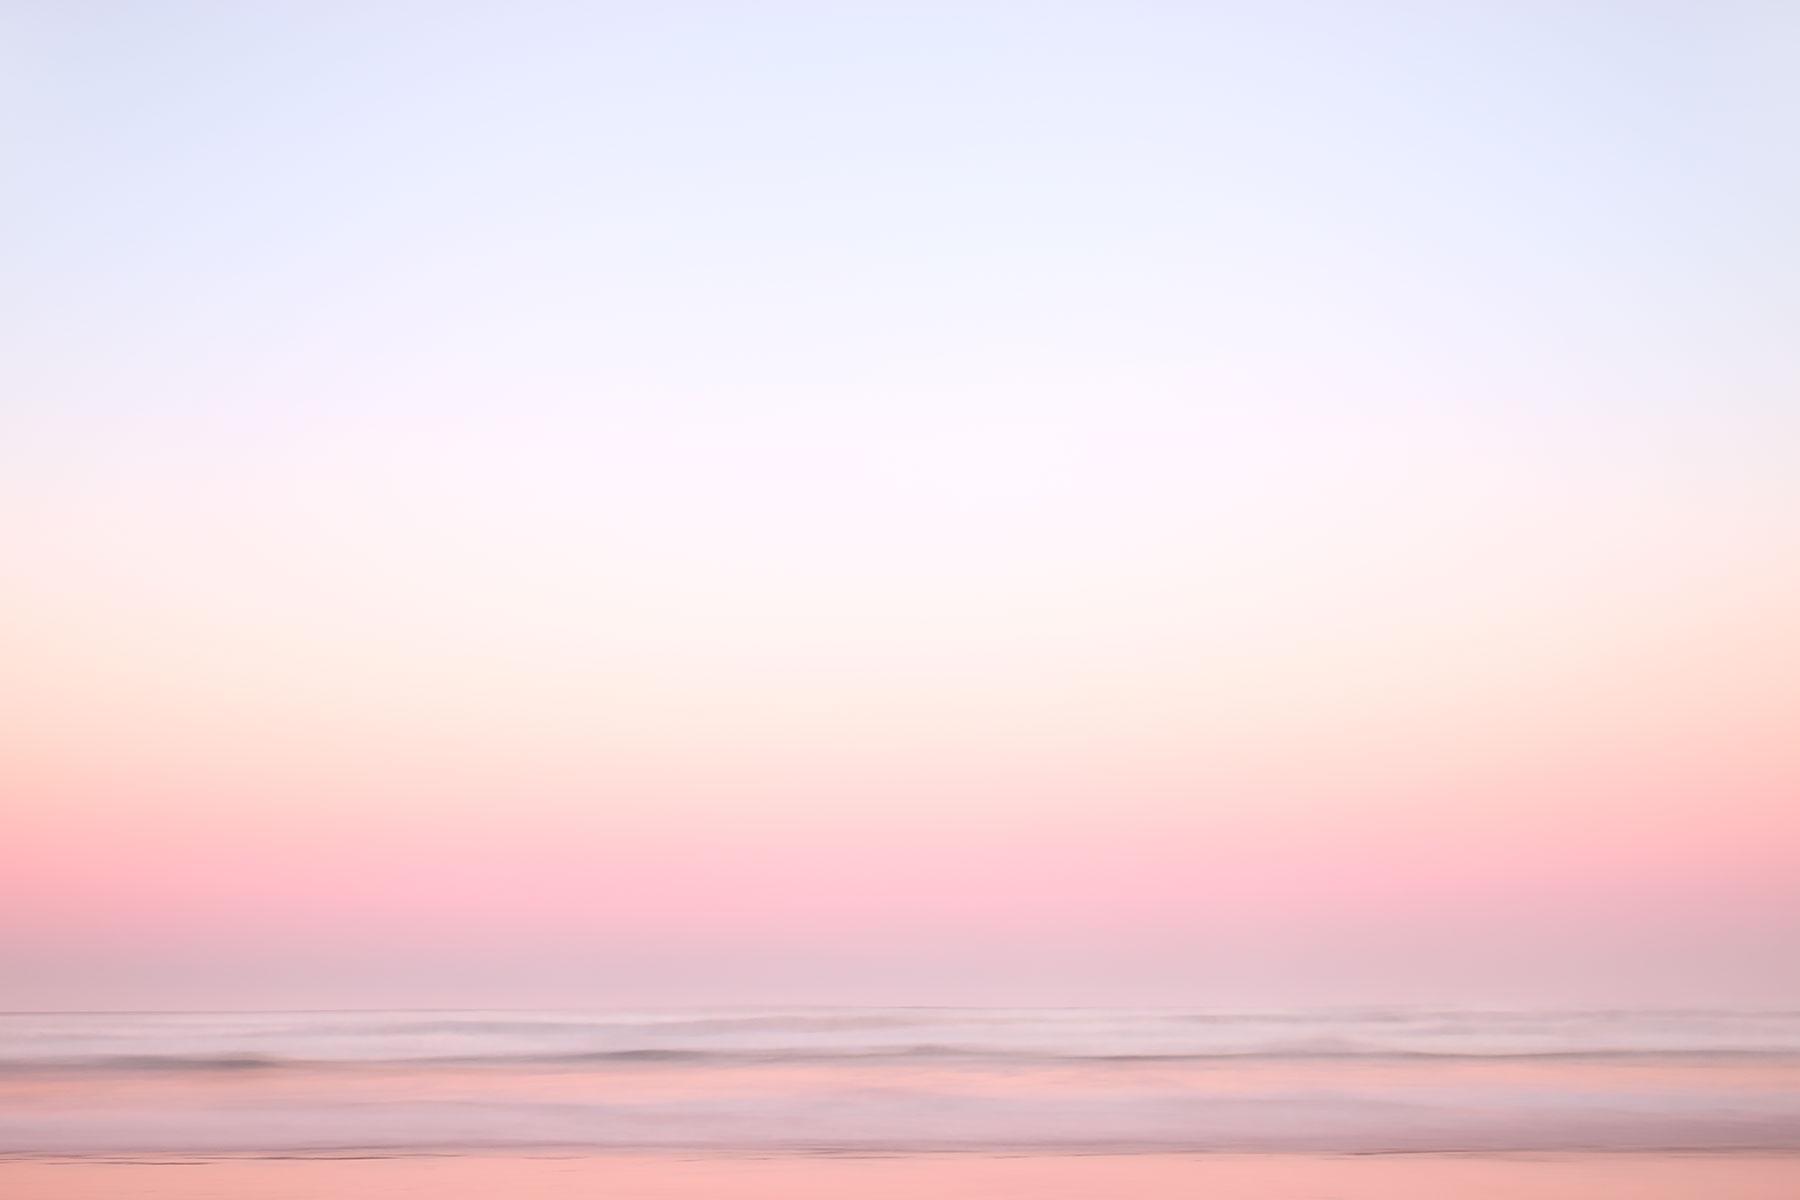 Sunrise Surf ©johncameron.ca